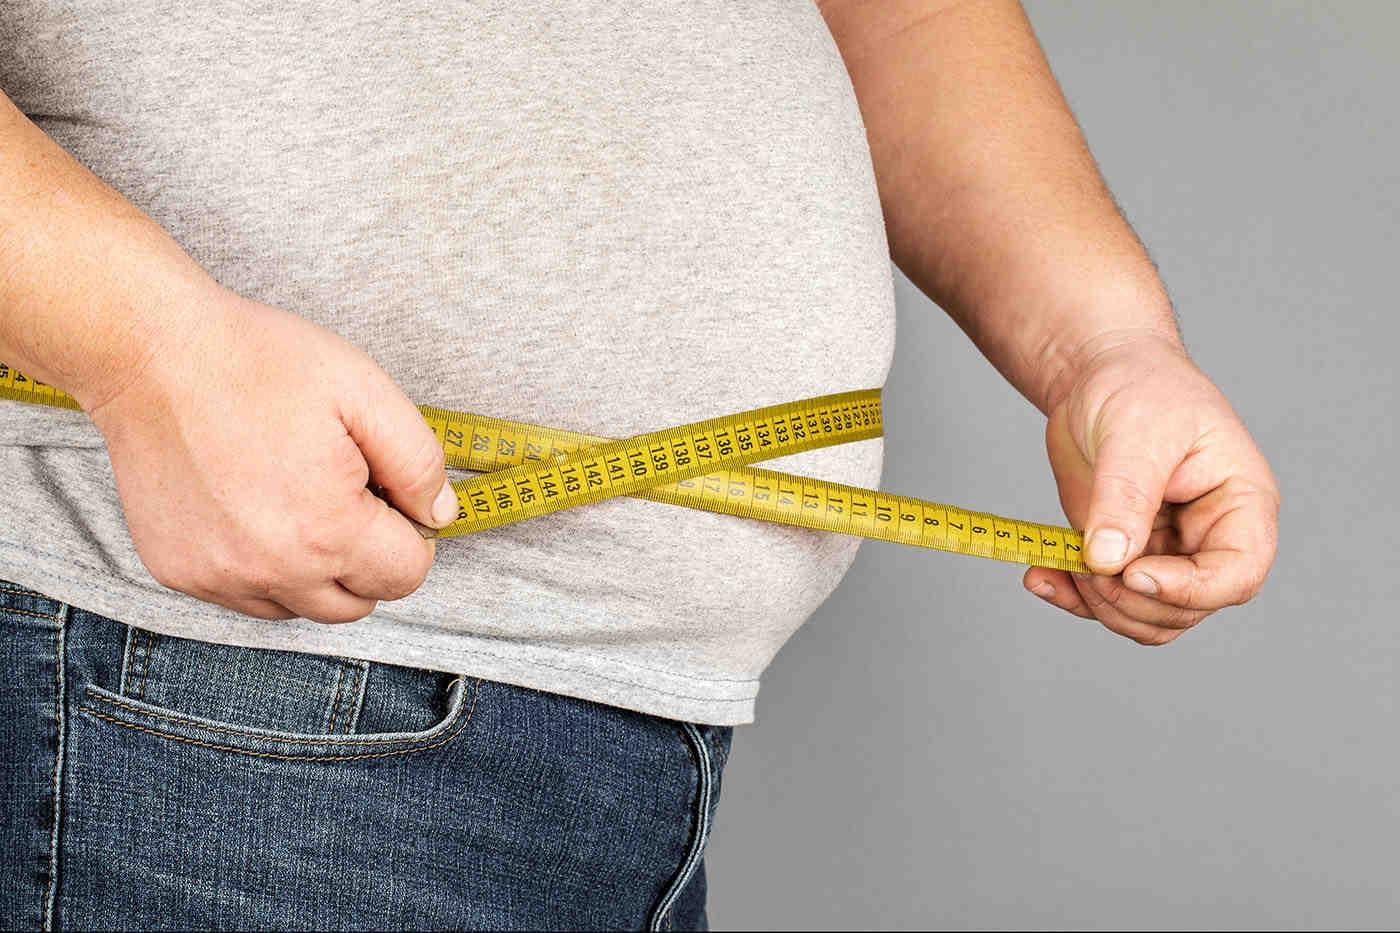 pierderea grăsimilor la pacienții obezi)